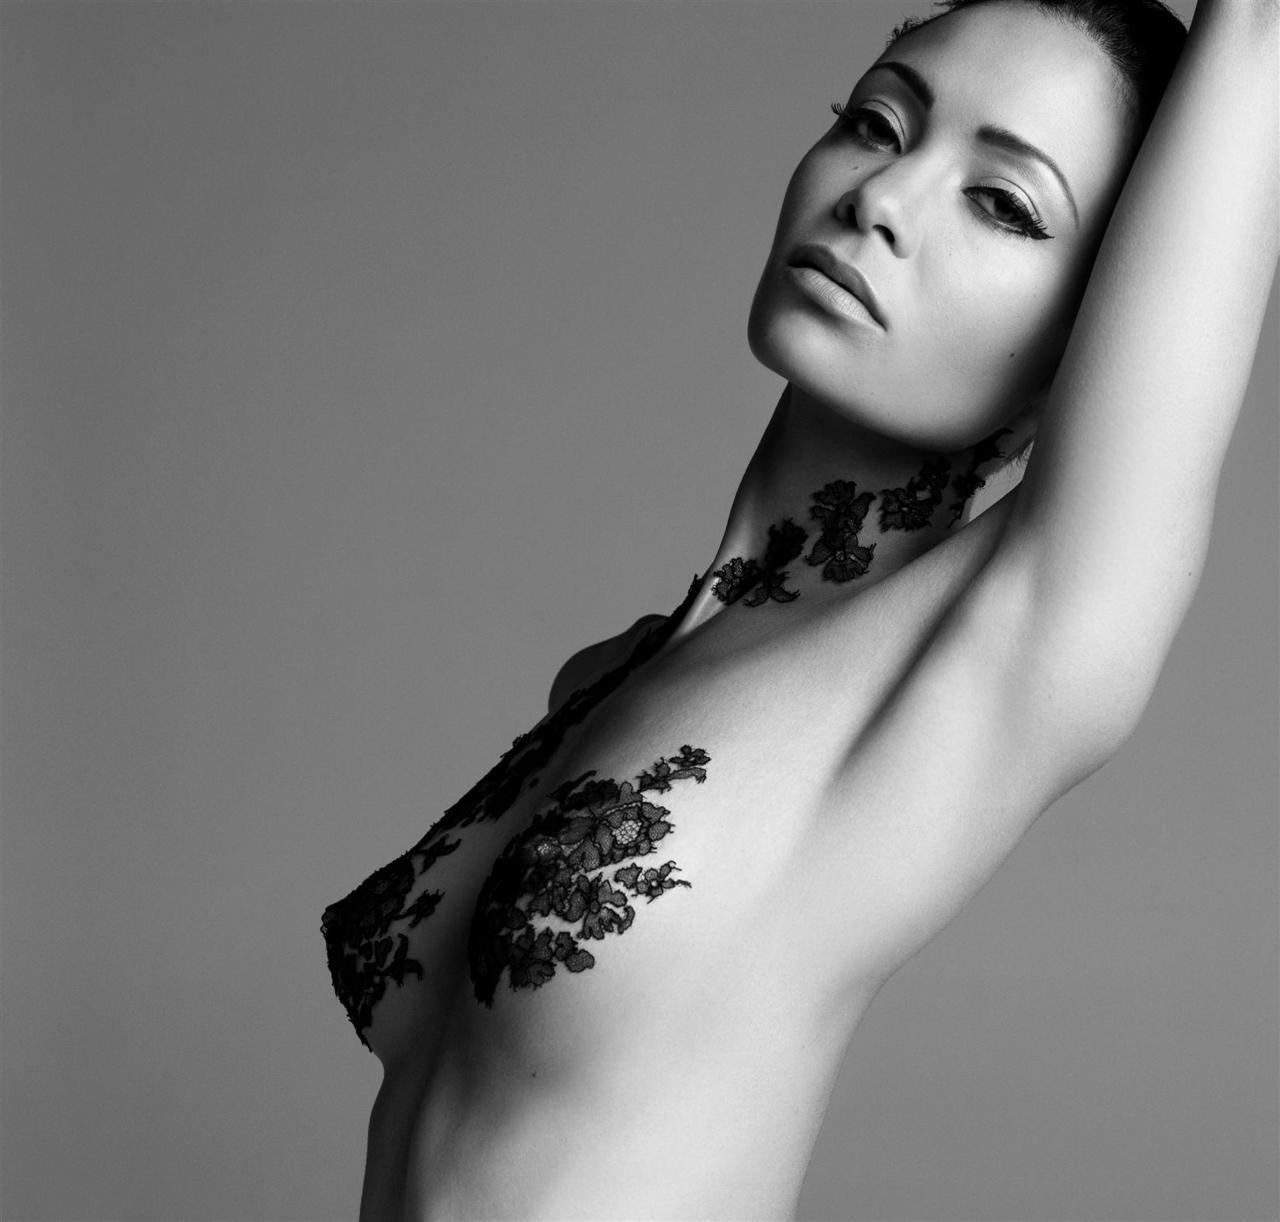 Thandie Newton - Sexiest Women